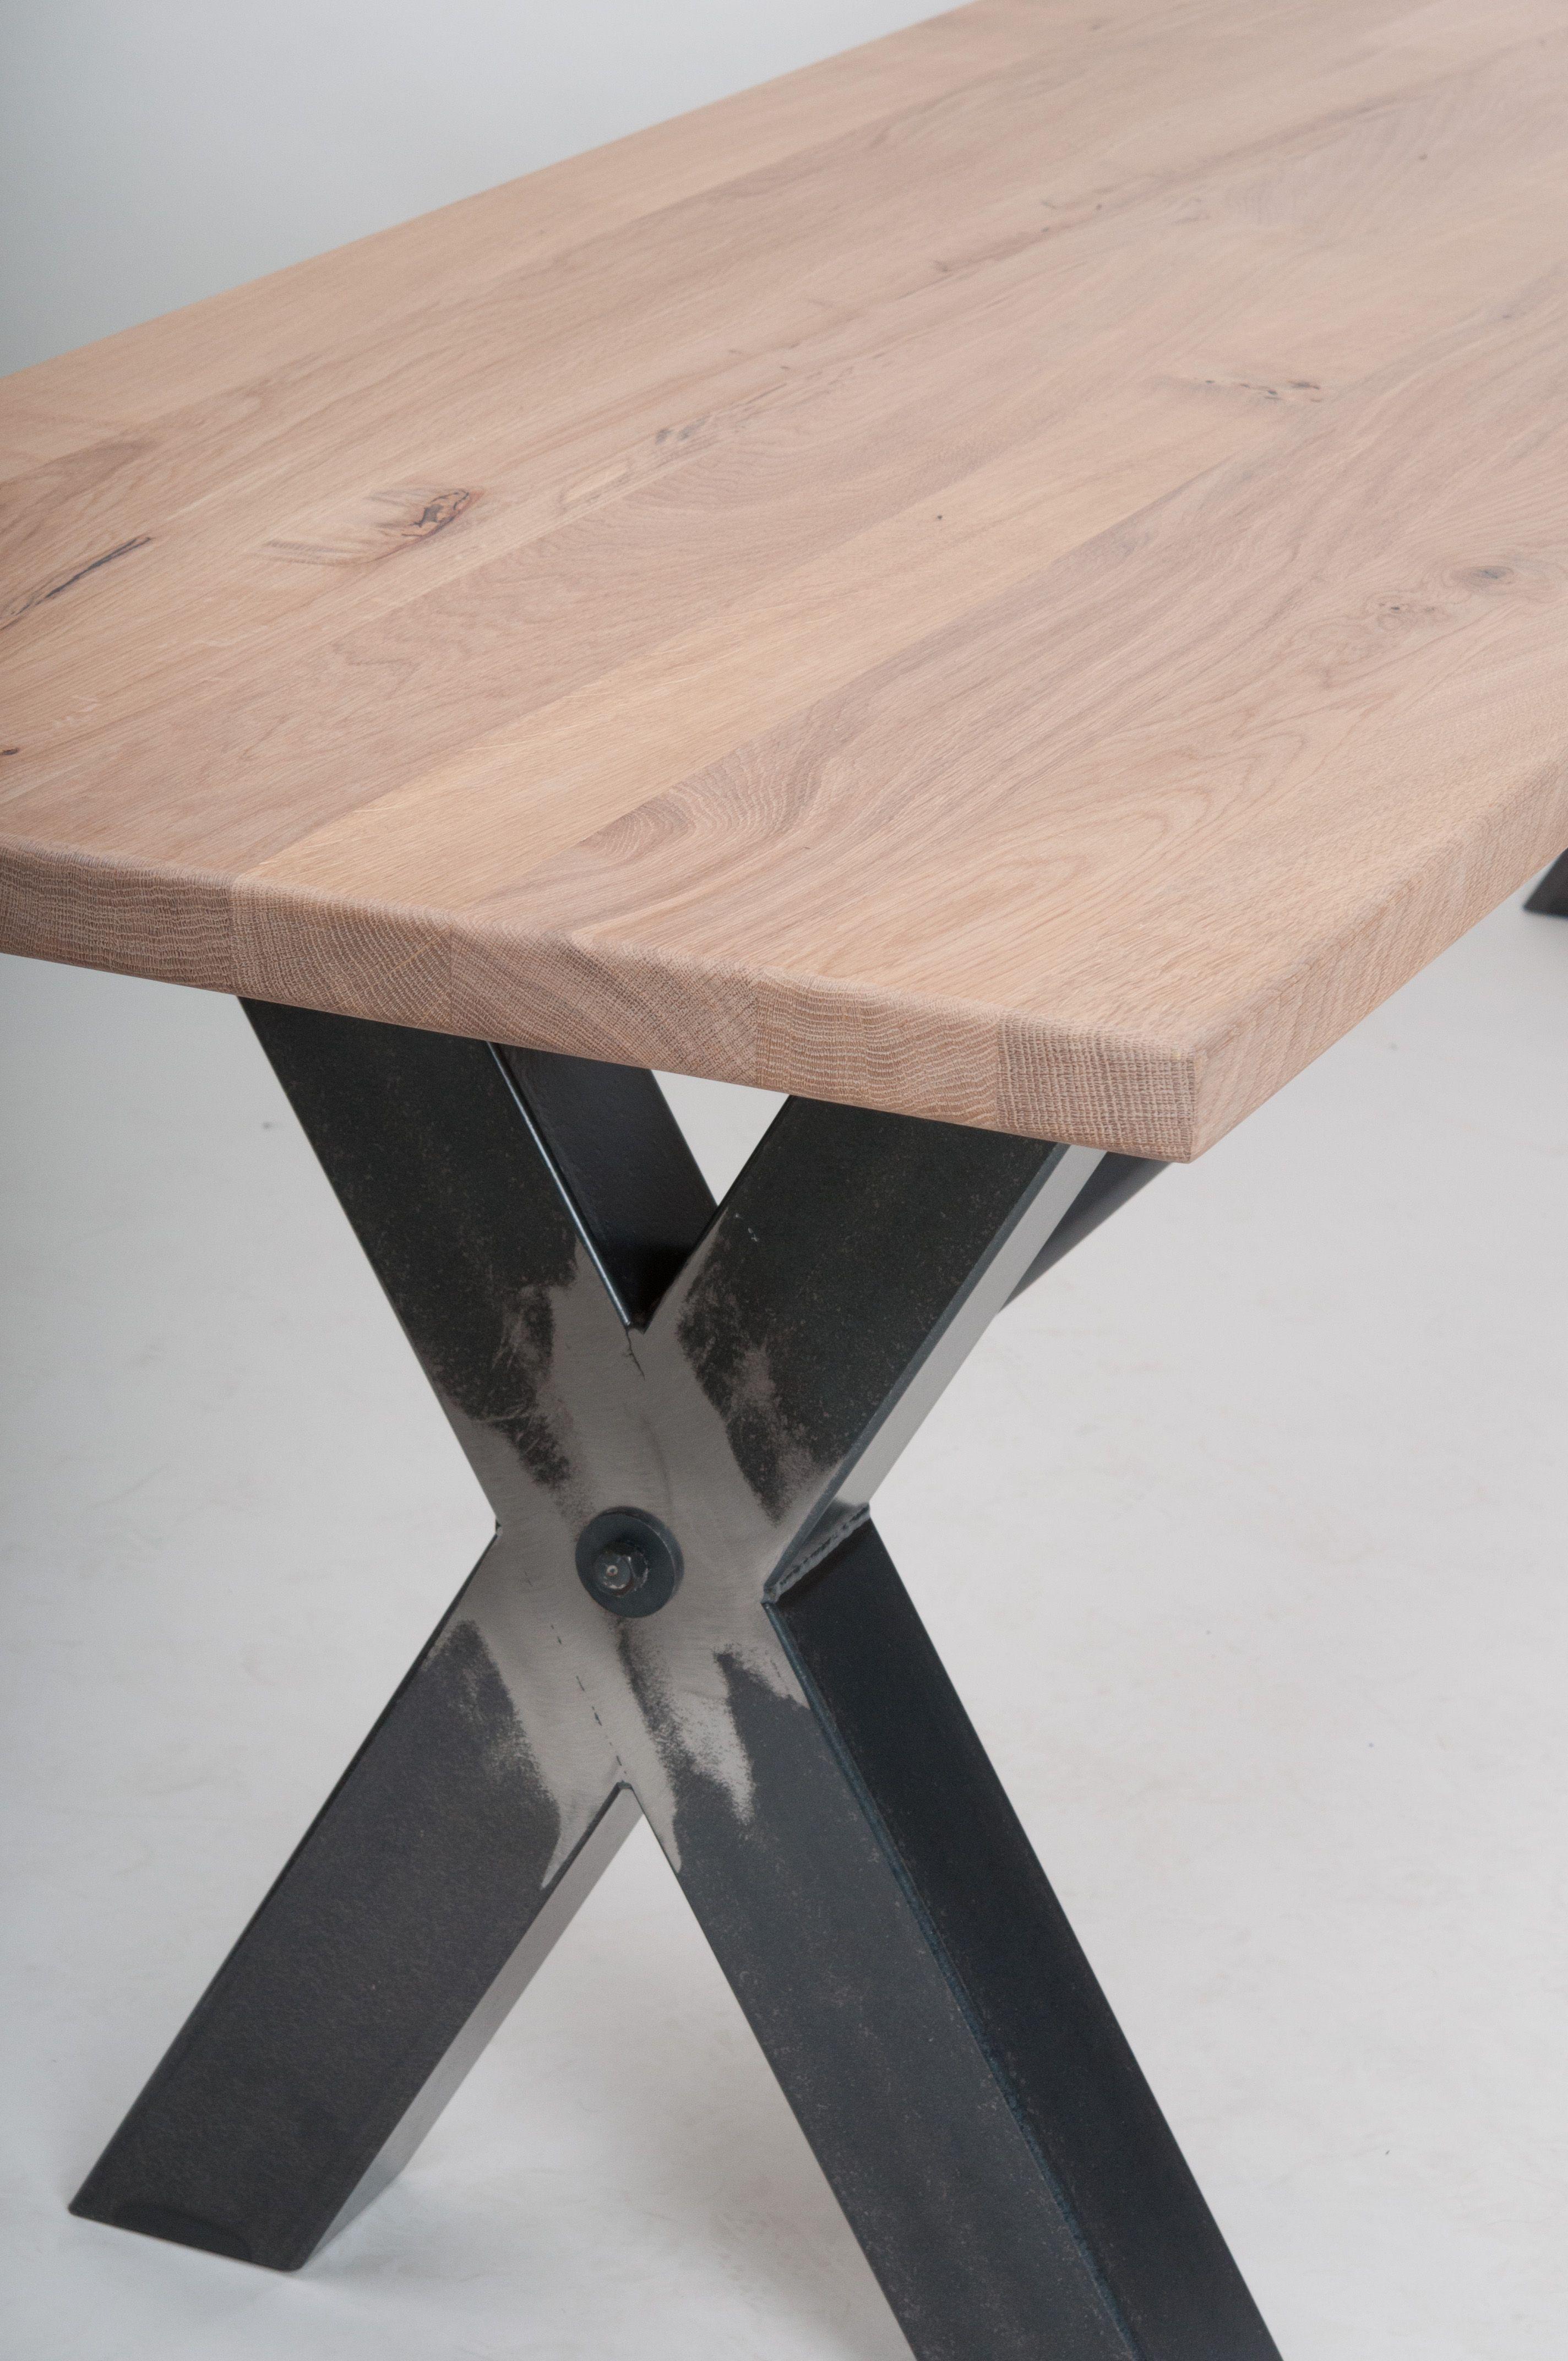 Tisch 30590 Kreuzwangentisch Untergestell Stahl 10 X 10 Cm Gezundert Und Gewachst Stuhlfabrik Schnieder Gmbh Industriestr 15 59348 Ludinghausen Hout